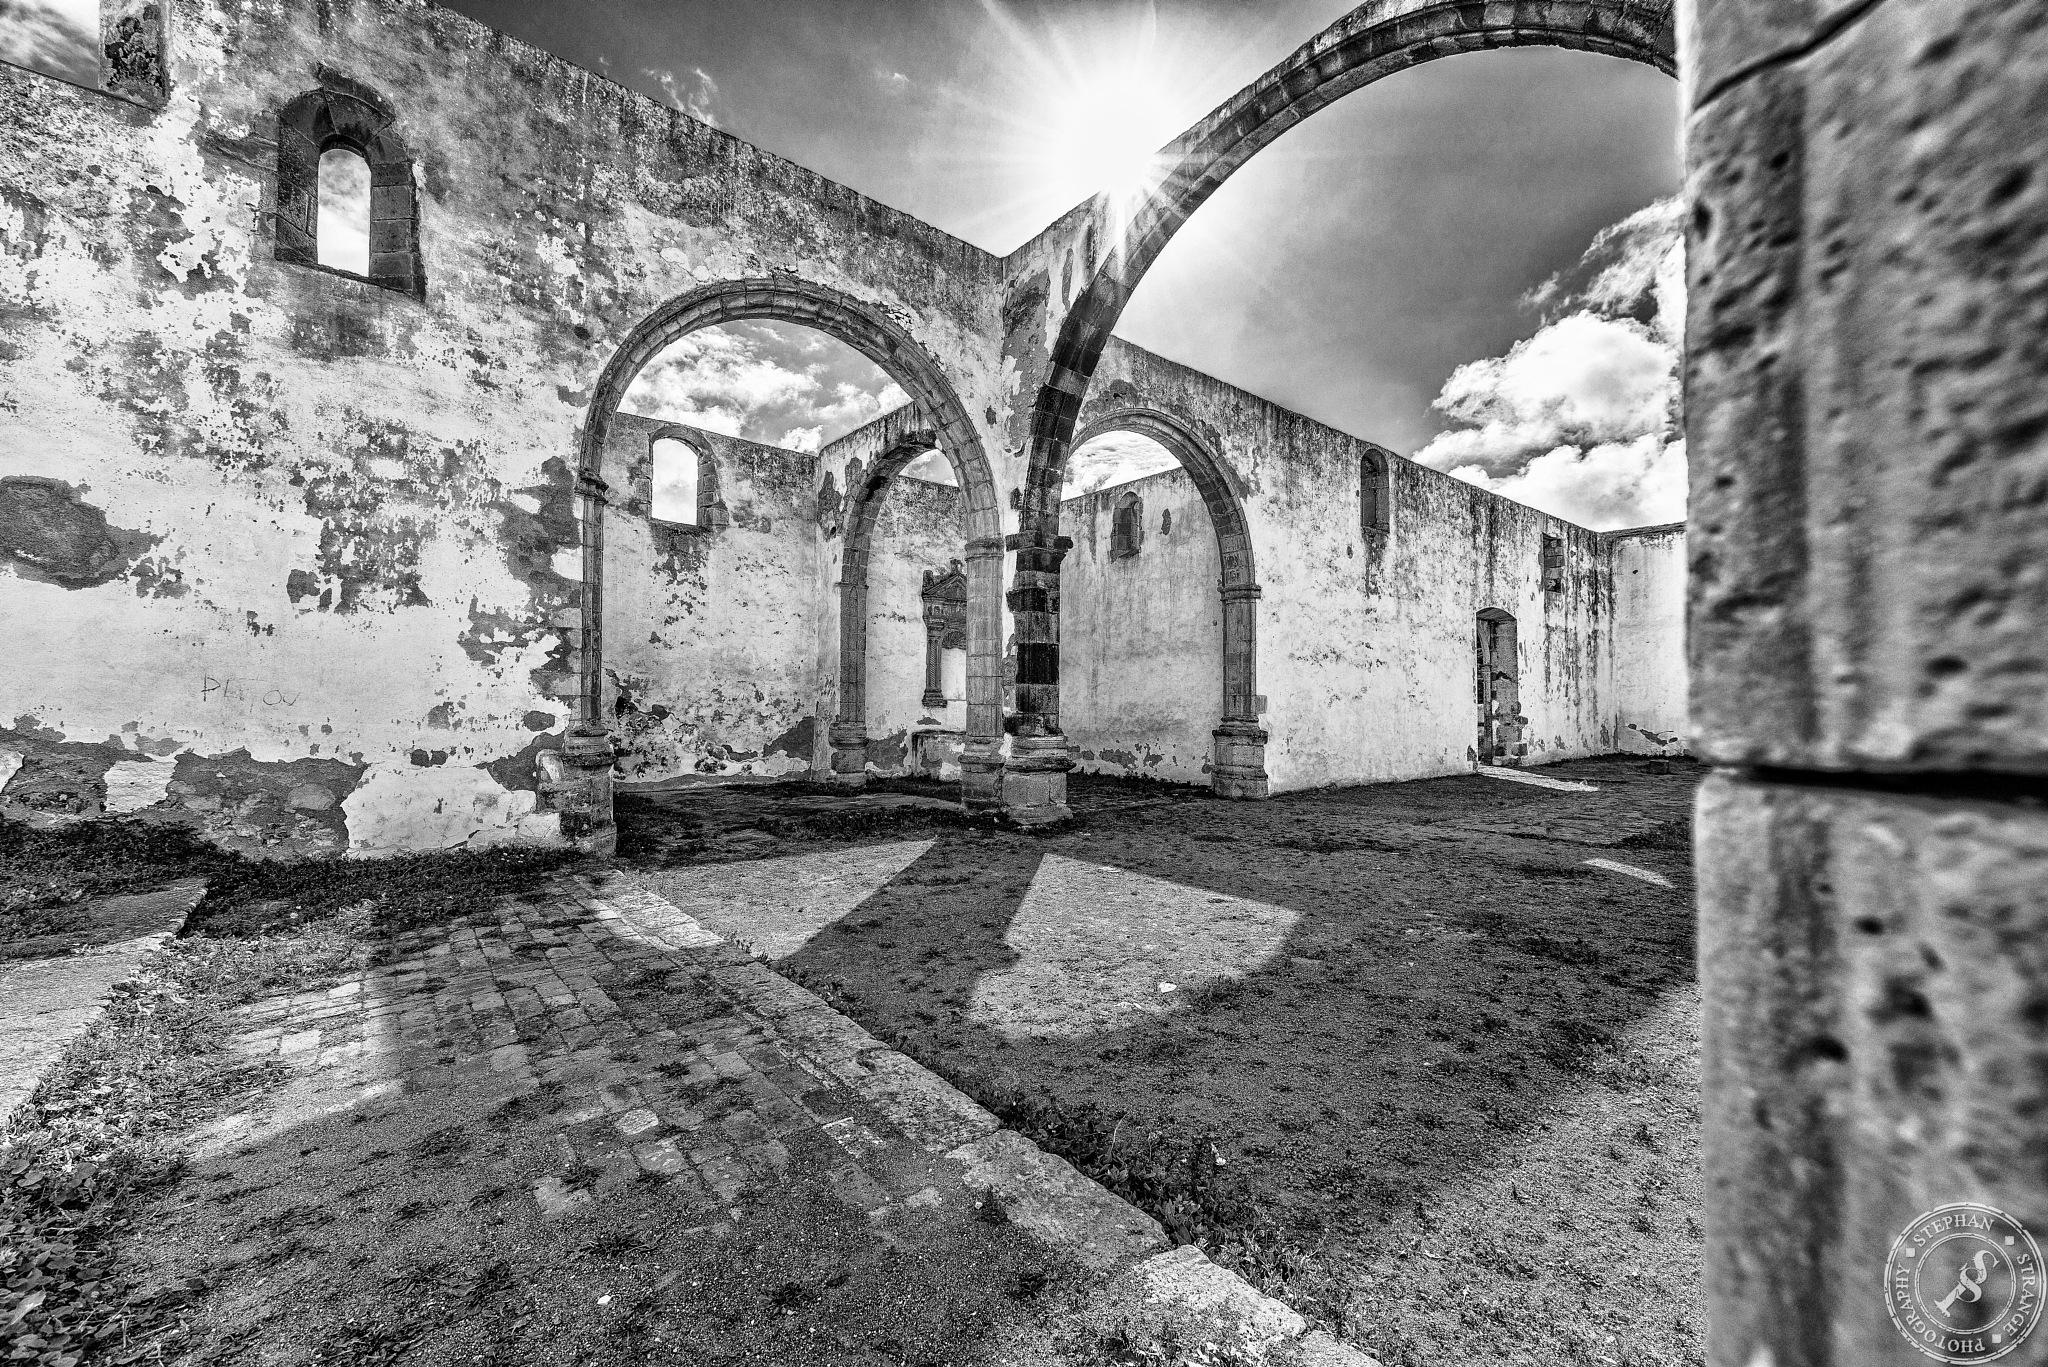 Convento de San Buenaventura by StephanStrange